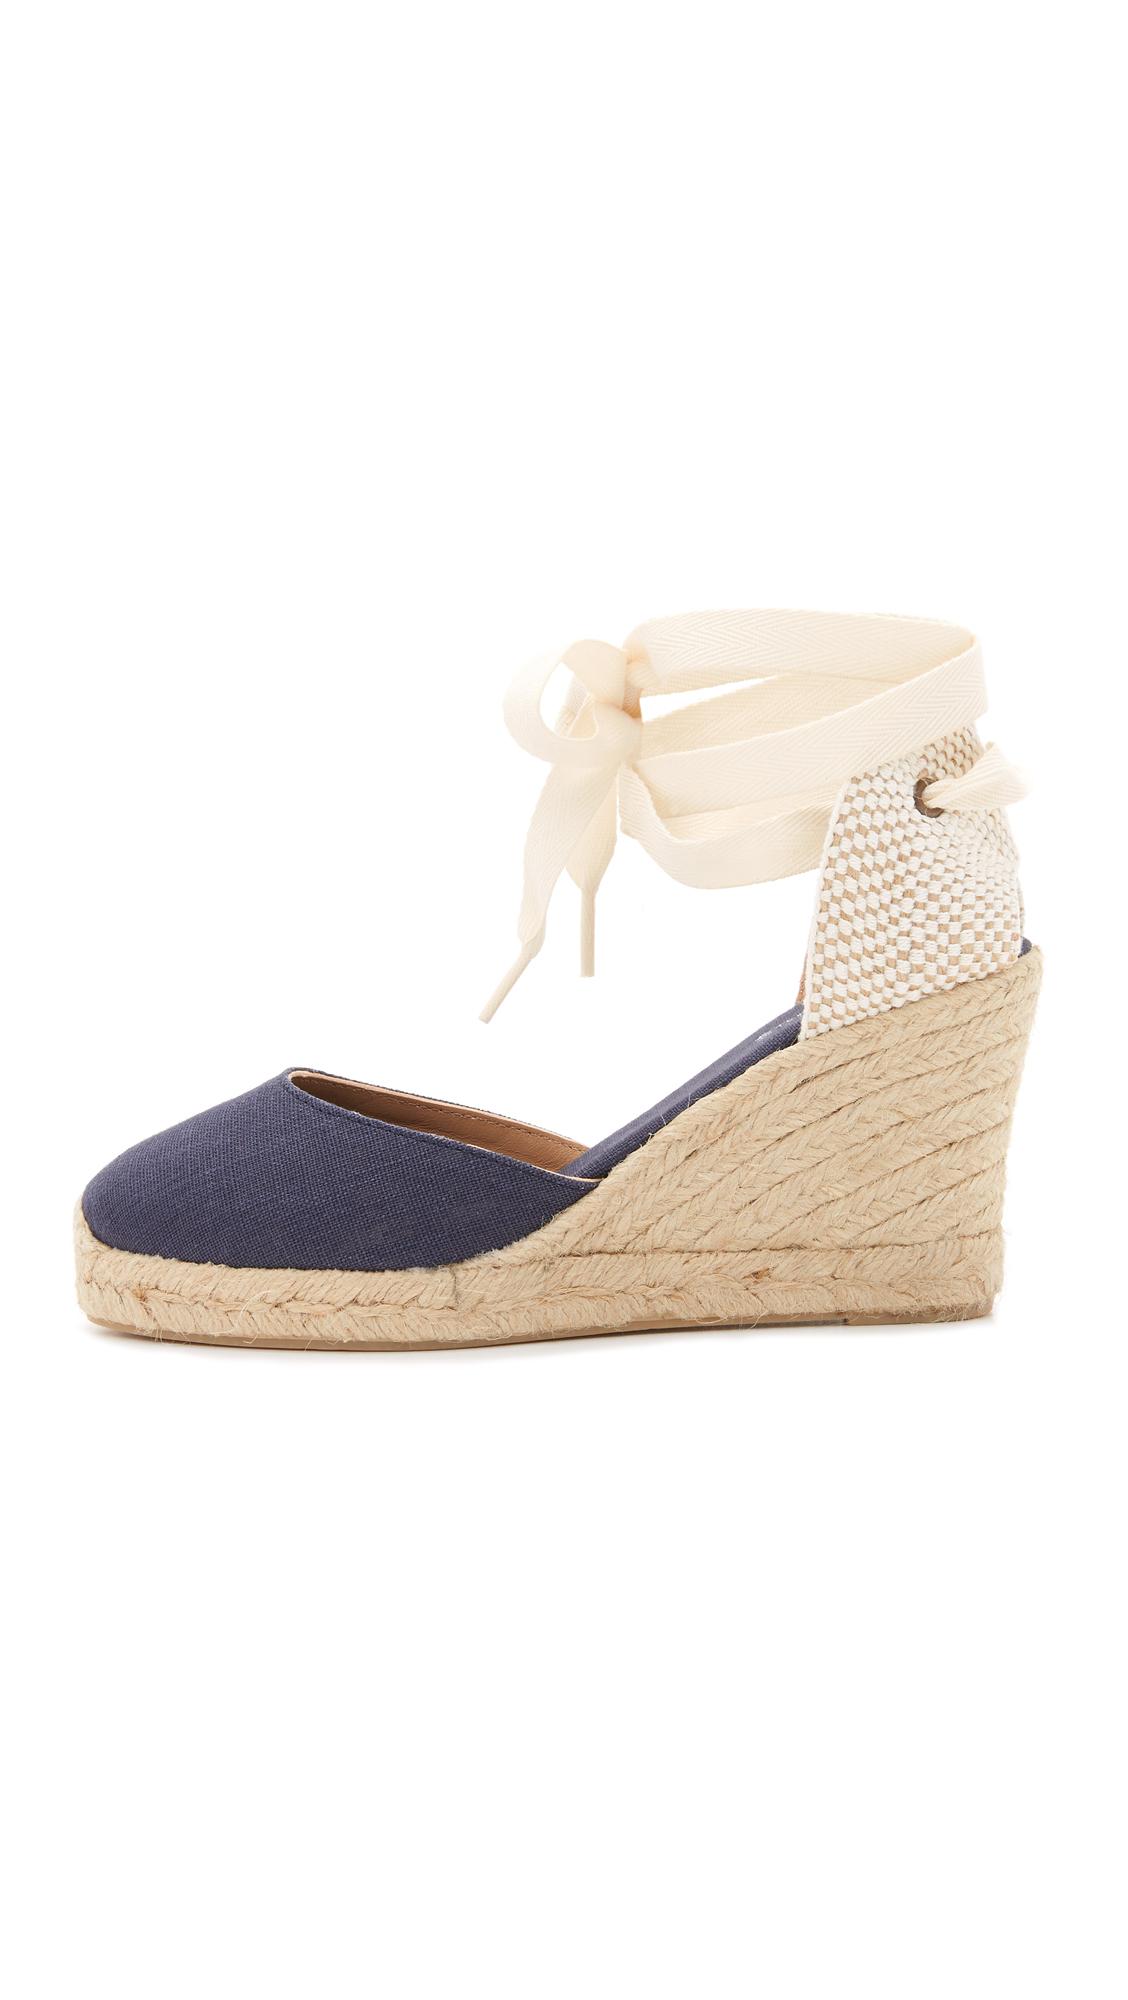 Navy Wedge Shoe Solid Heel